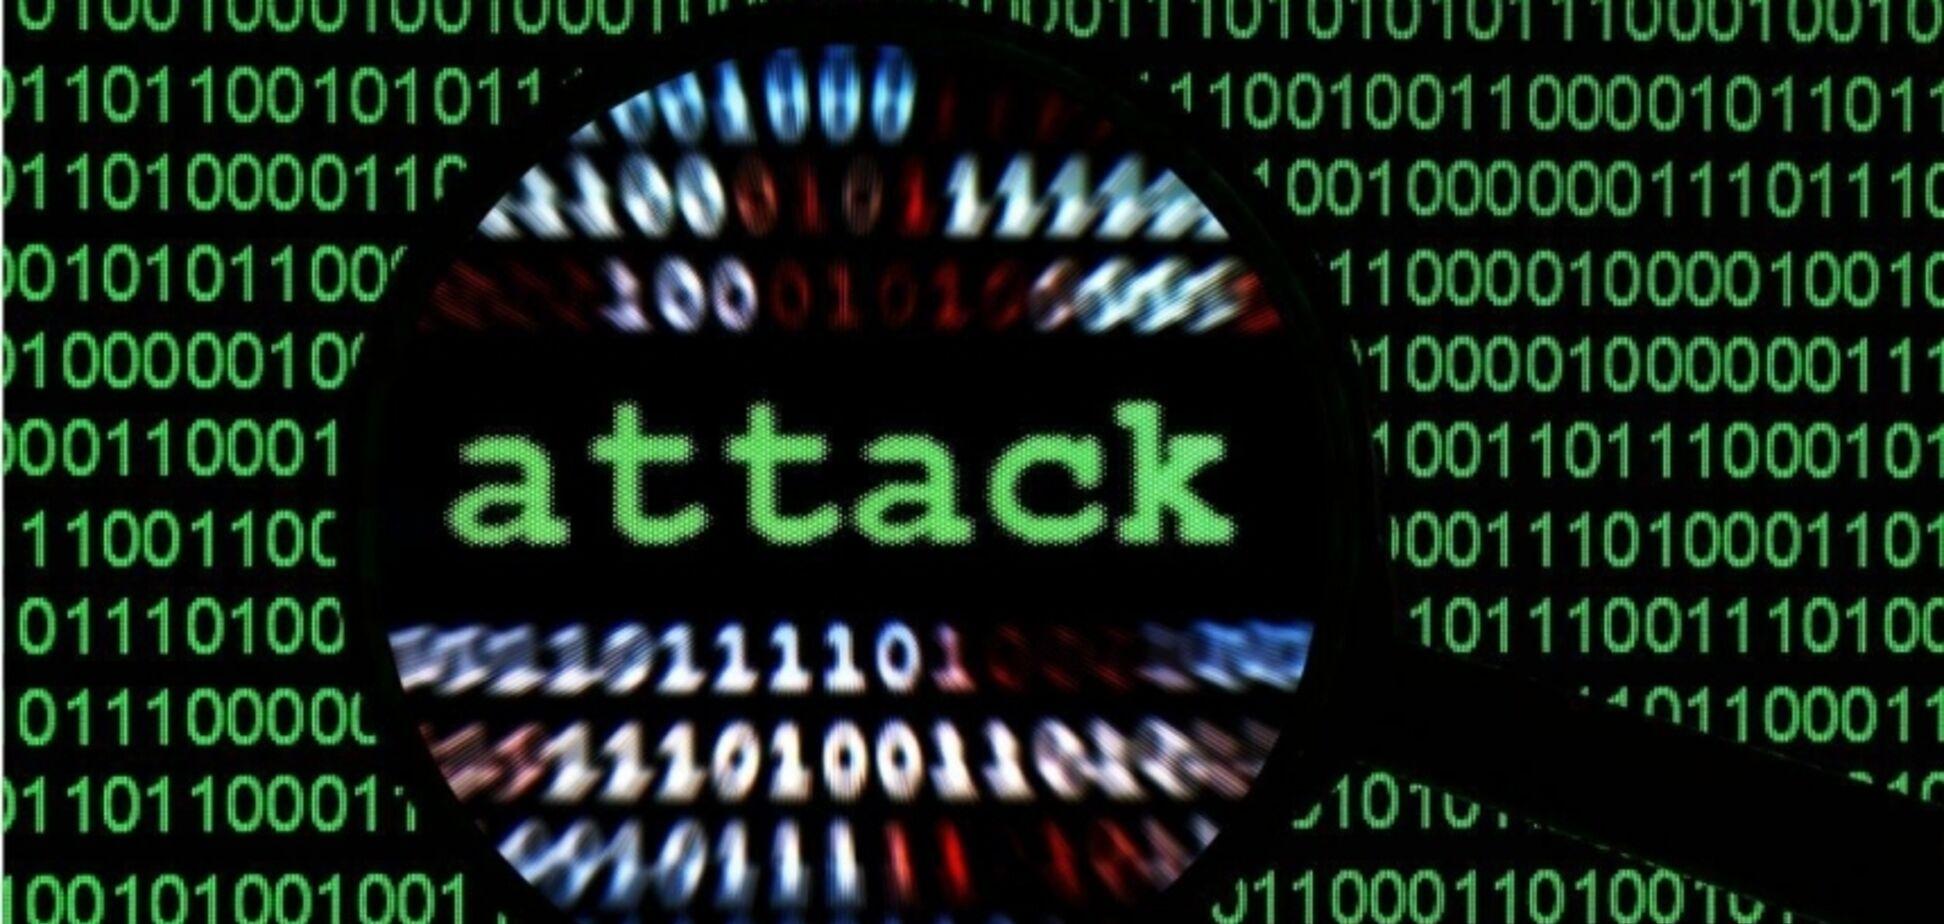 Российские хакеры готовят мощную атаку на Украину: все подробности